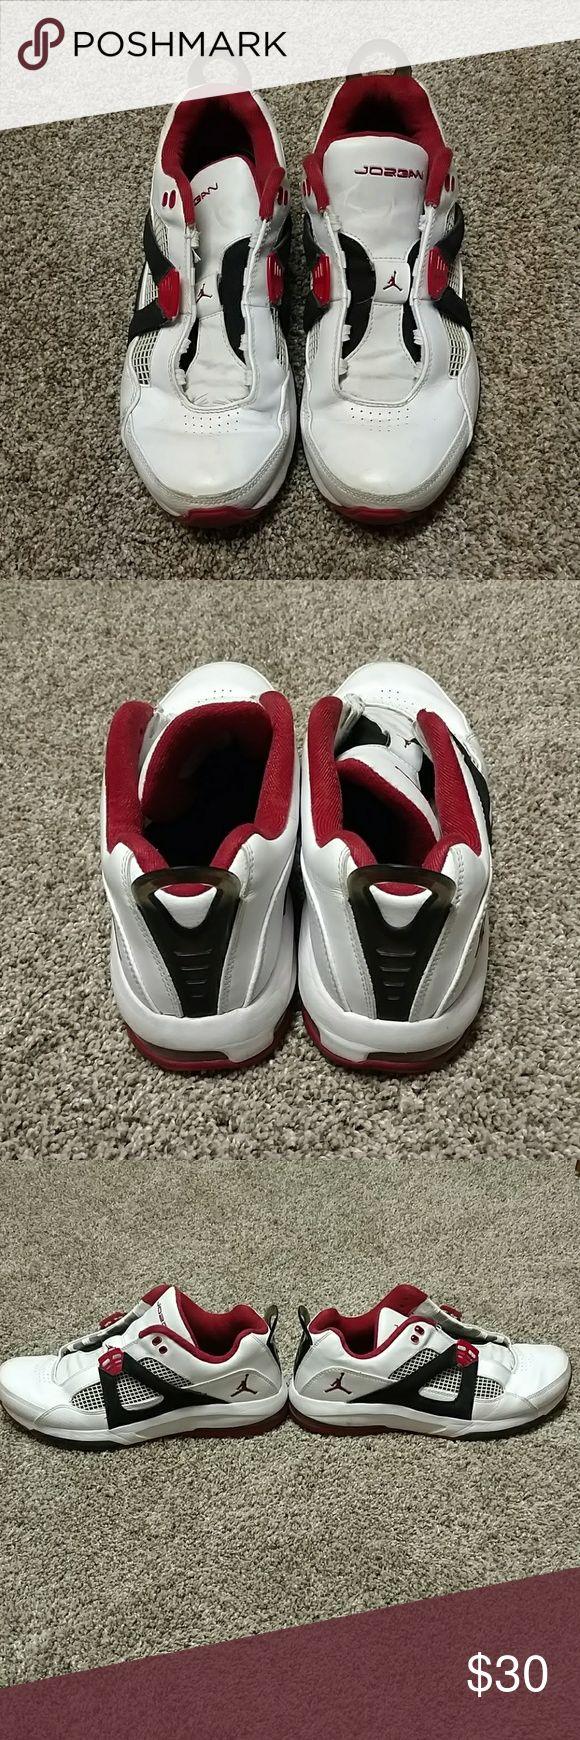 Jordan Low tops Lightly used Jordans. Jordan Shoes Sneakers